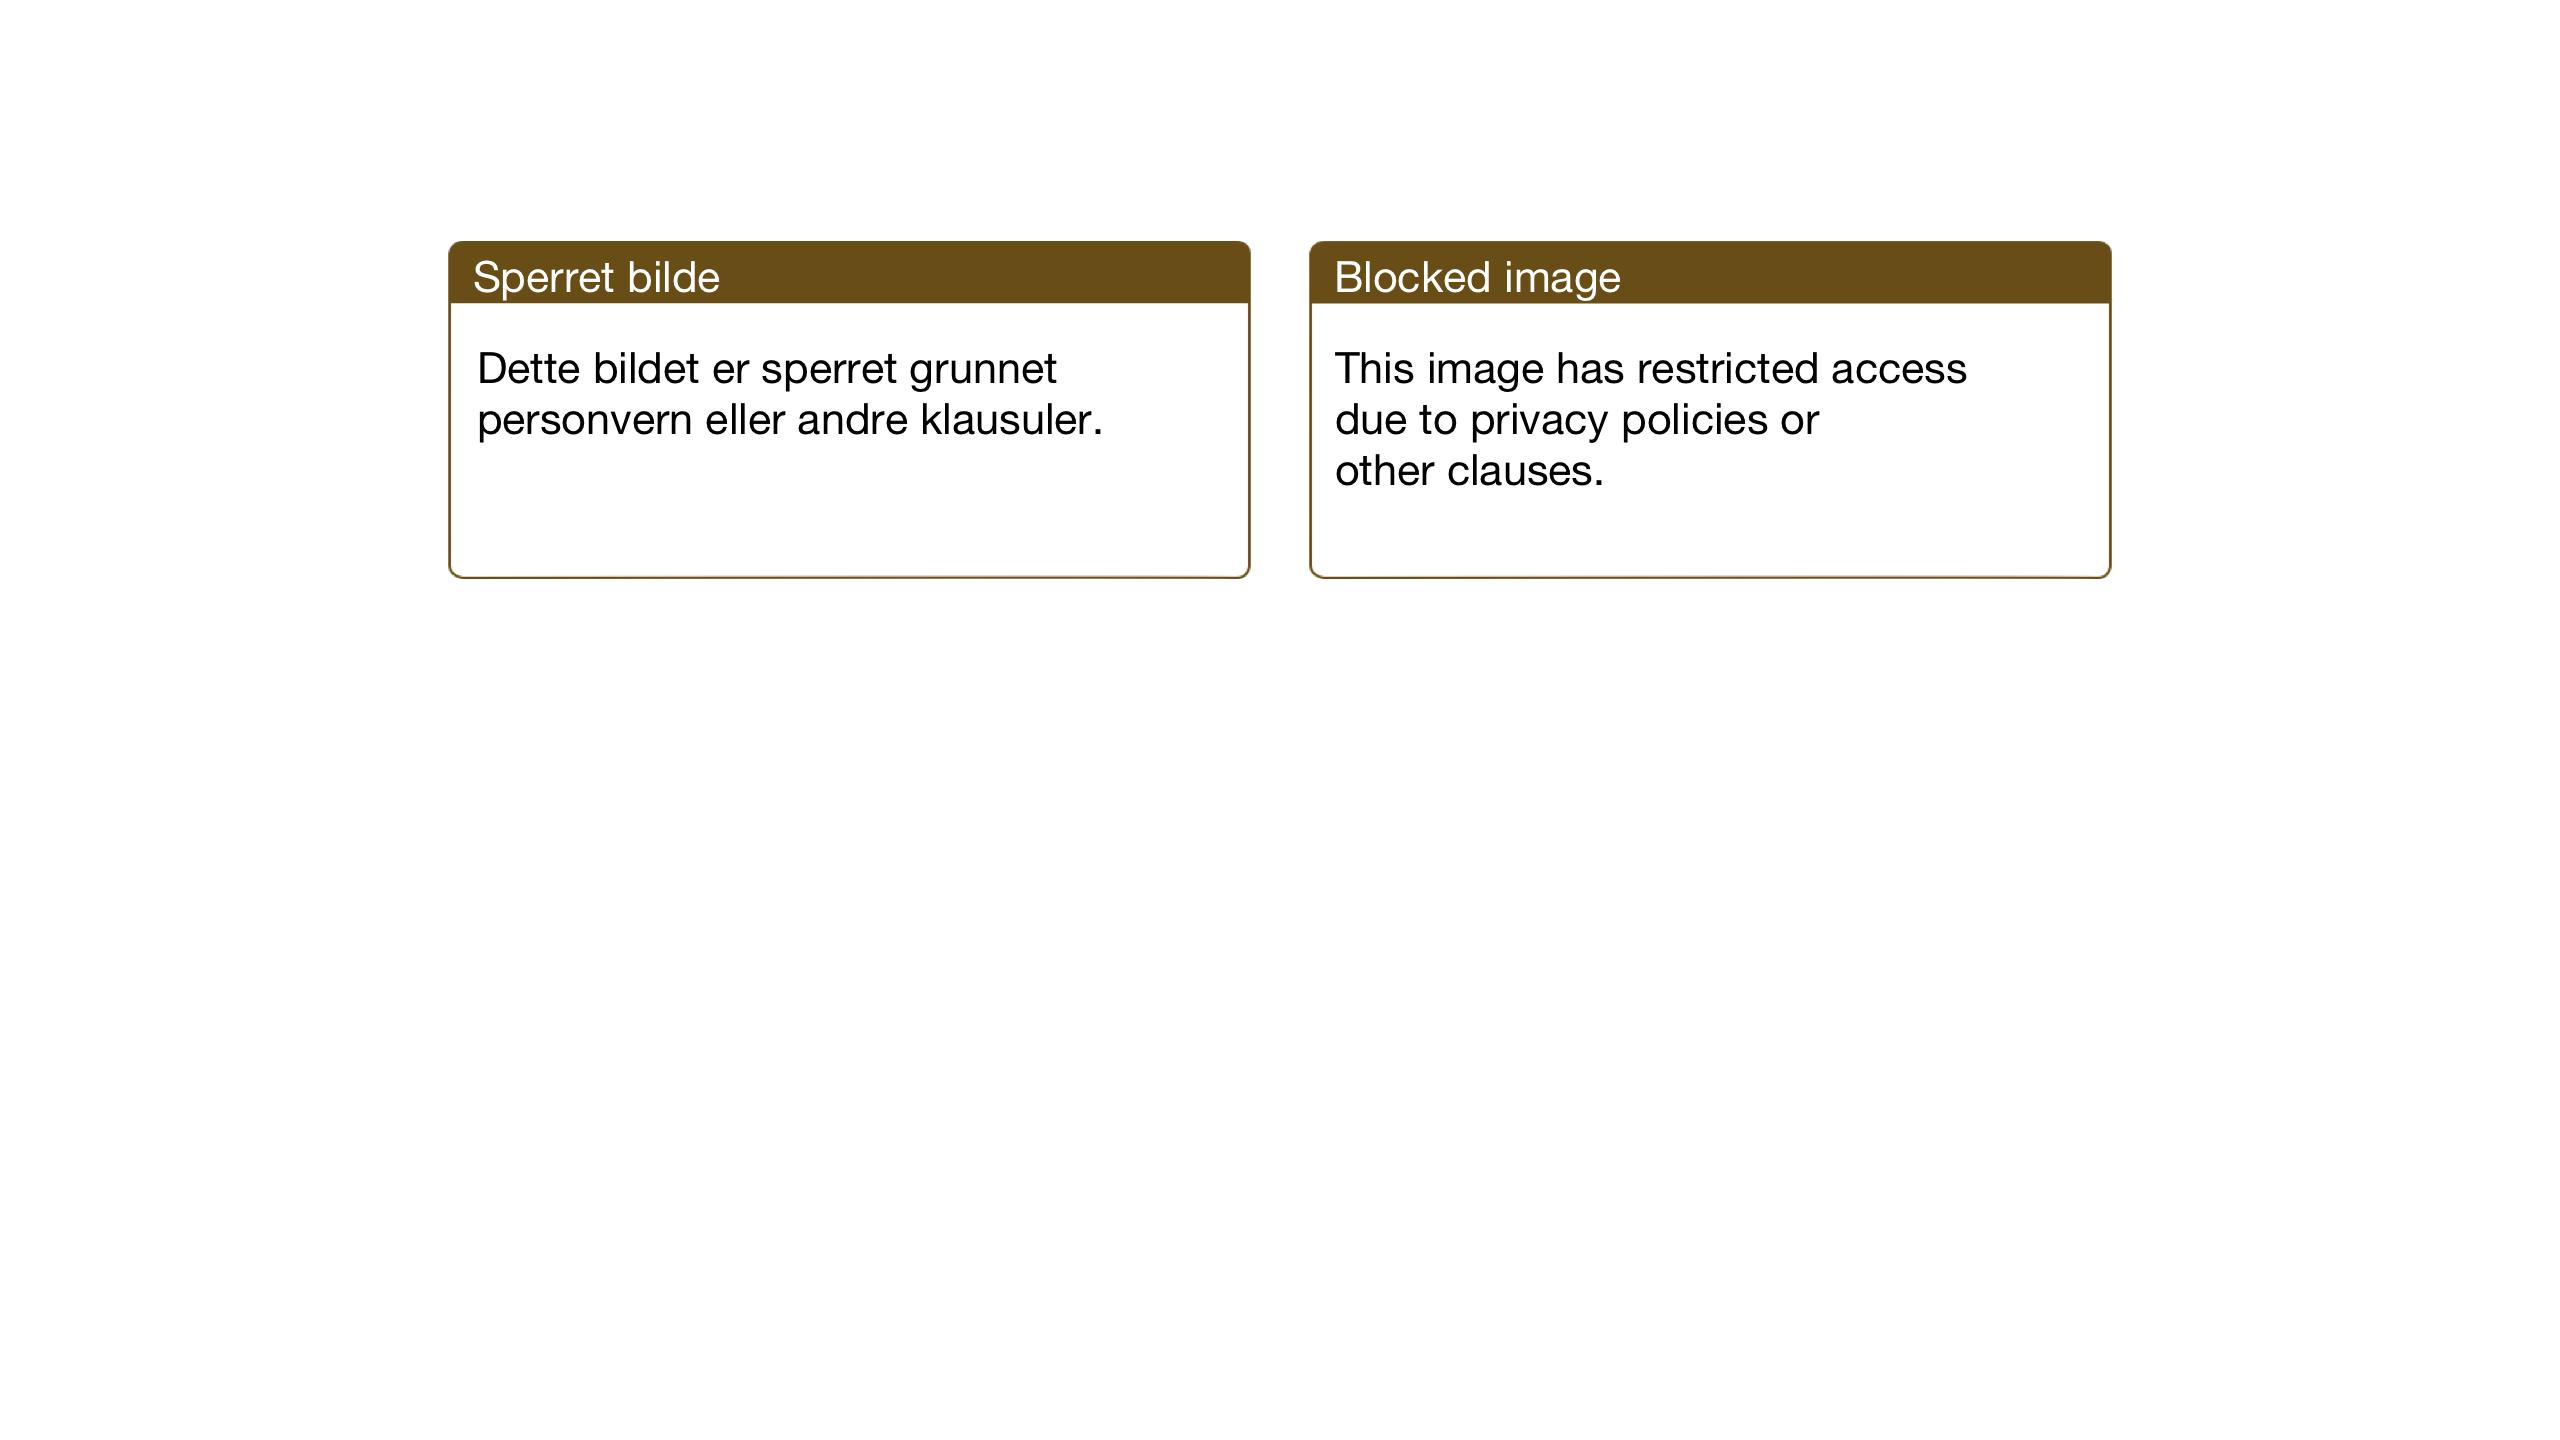 SAT, Ministerialprotokoller, klokkerbøker og fødselsregistre - Nord-Trøndelag, 732/L0319: Klokkerbok nr. 732C03, 1911-1945, s. 124